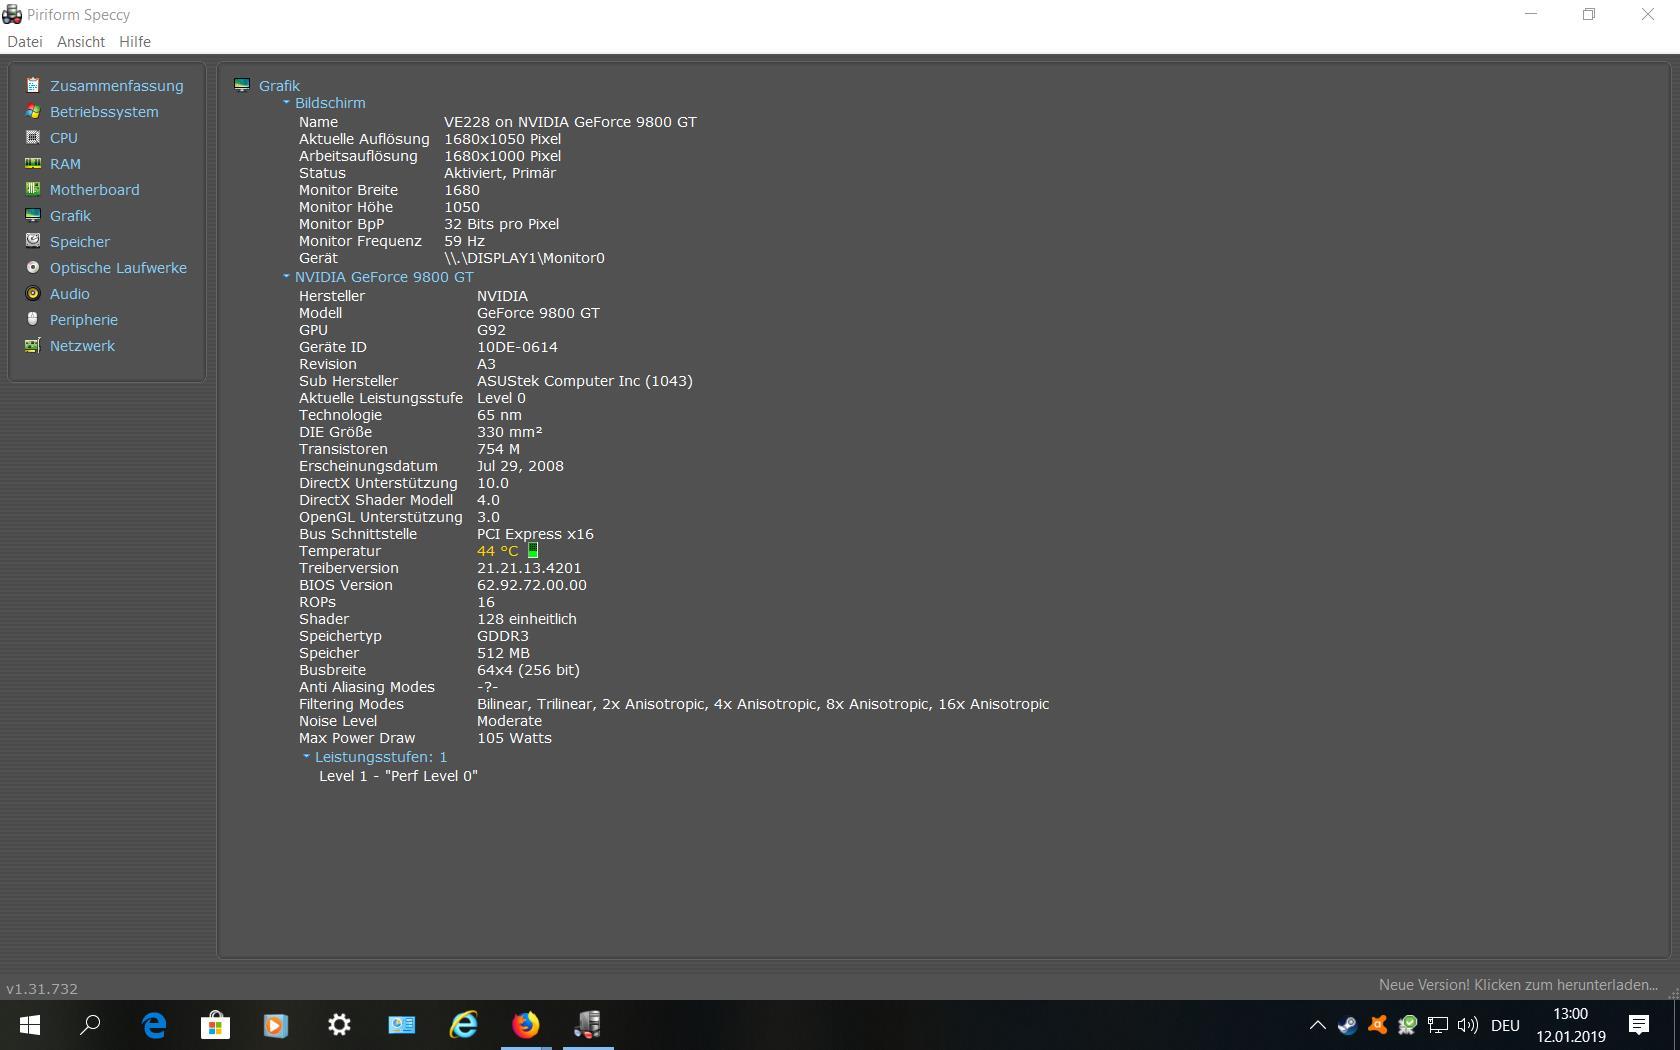 Upgrade auf Windows 10 1809 schlägt fehl